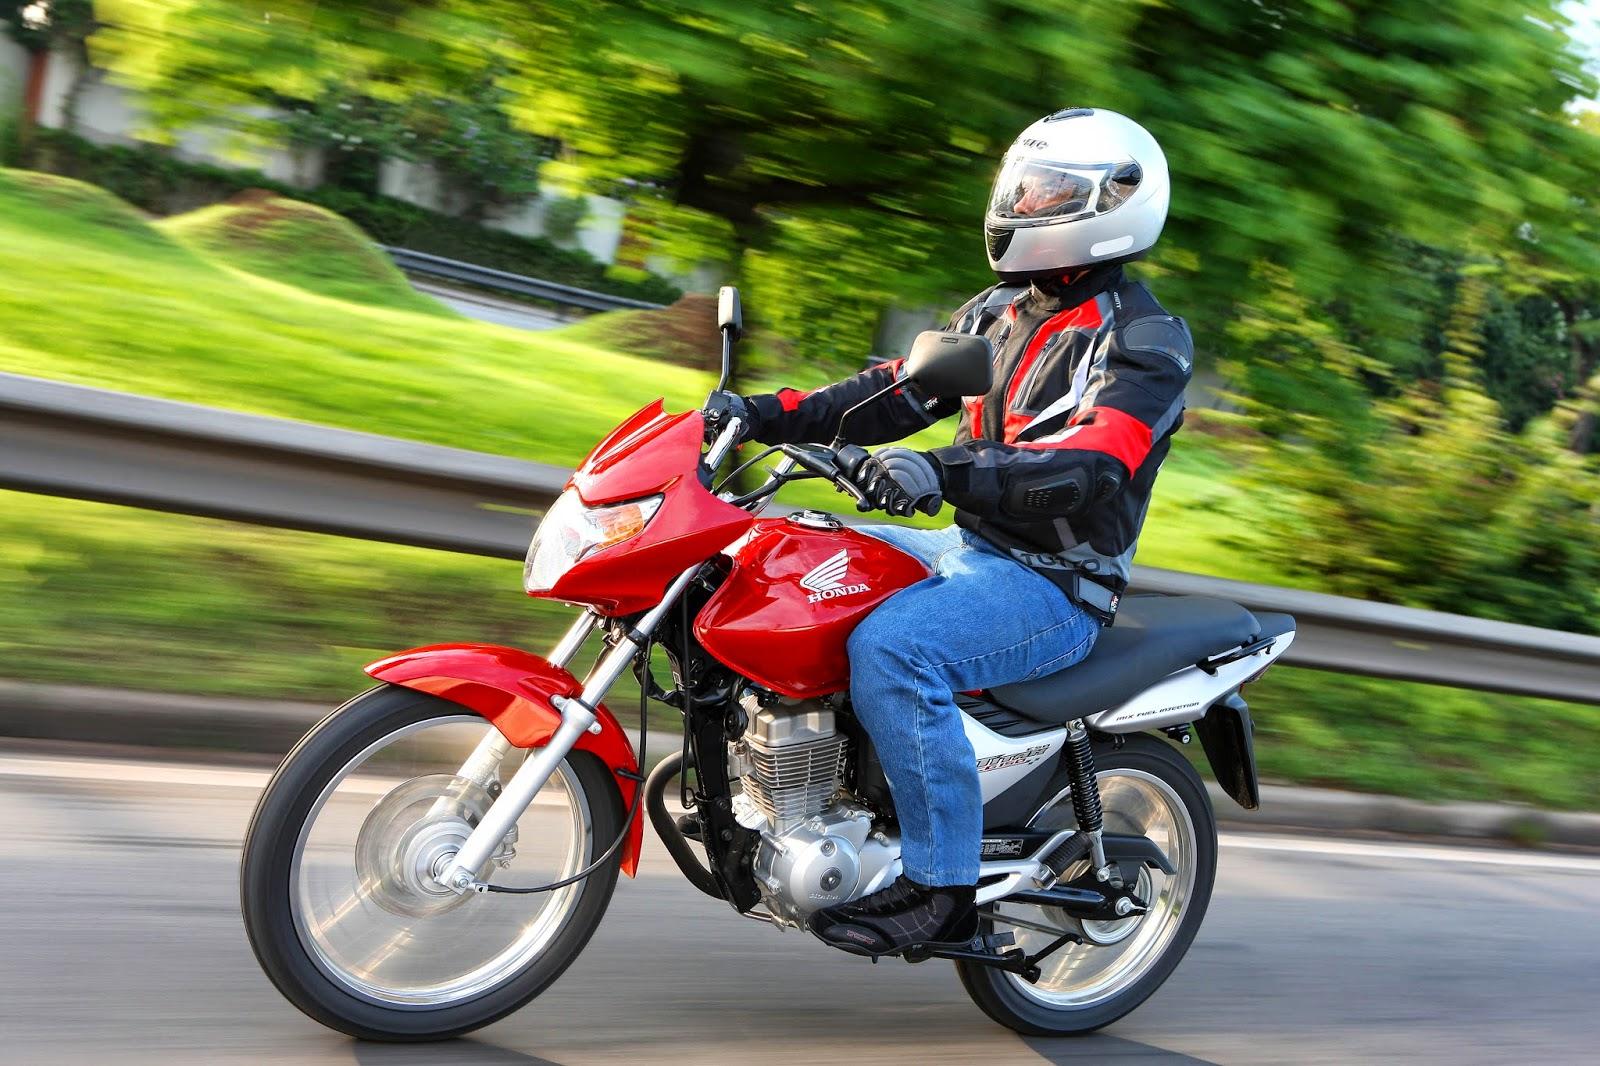 El 38% de los fallecidos en accidentes viales son motociclistas